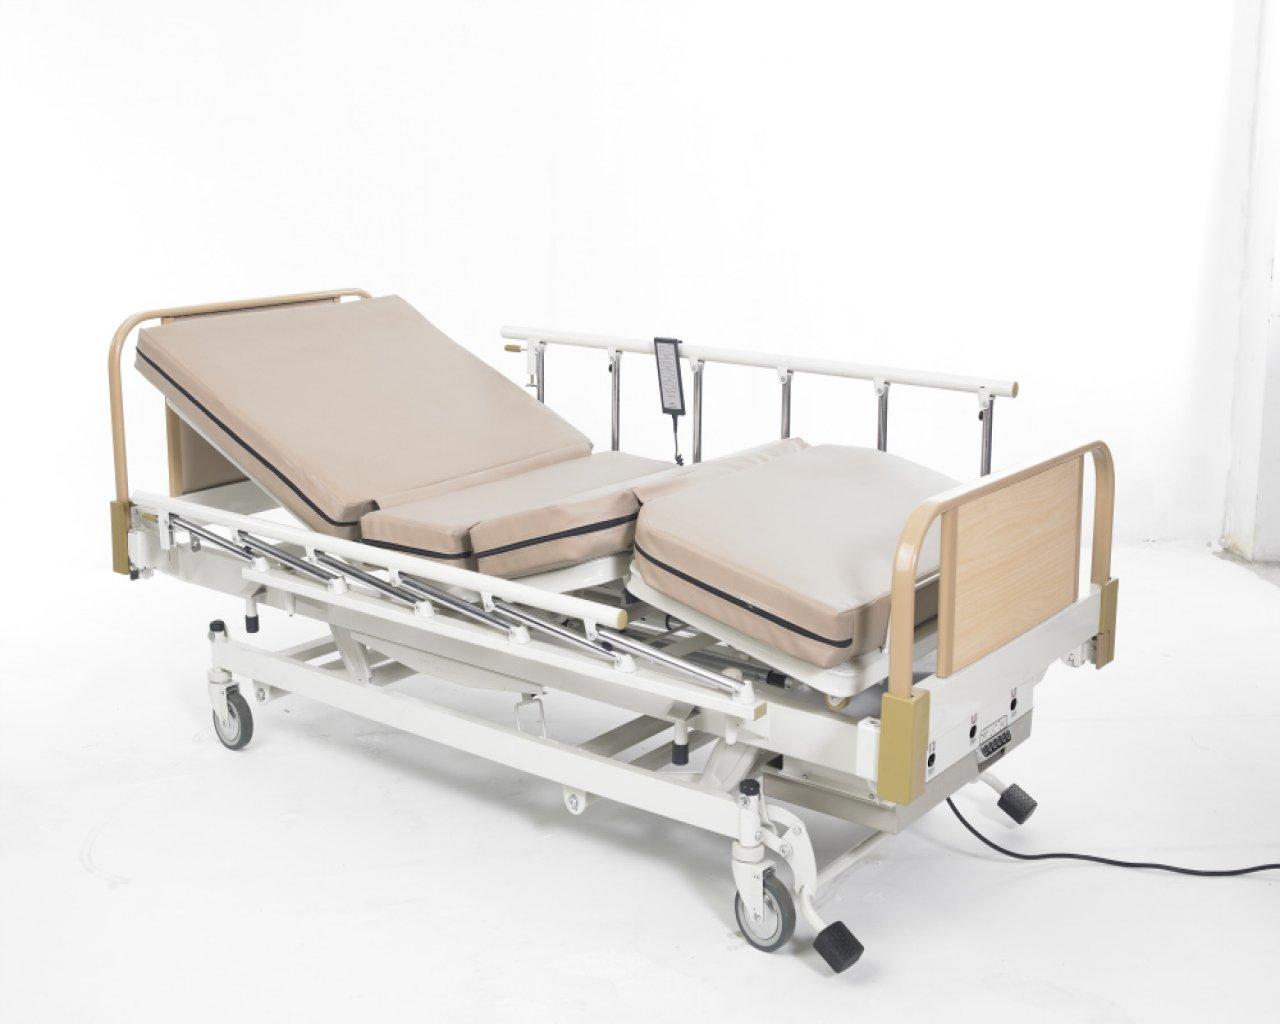 เตียงไฟฟ้า 3 ไกร์ 3 ระบบ (ไฟฟ้า,แบตฯ,มือหมุน) แบบ ABS ราวปีกนก รหัส MEA014